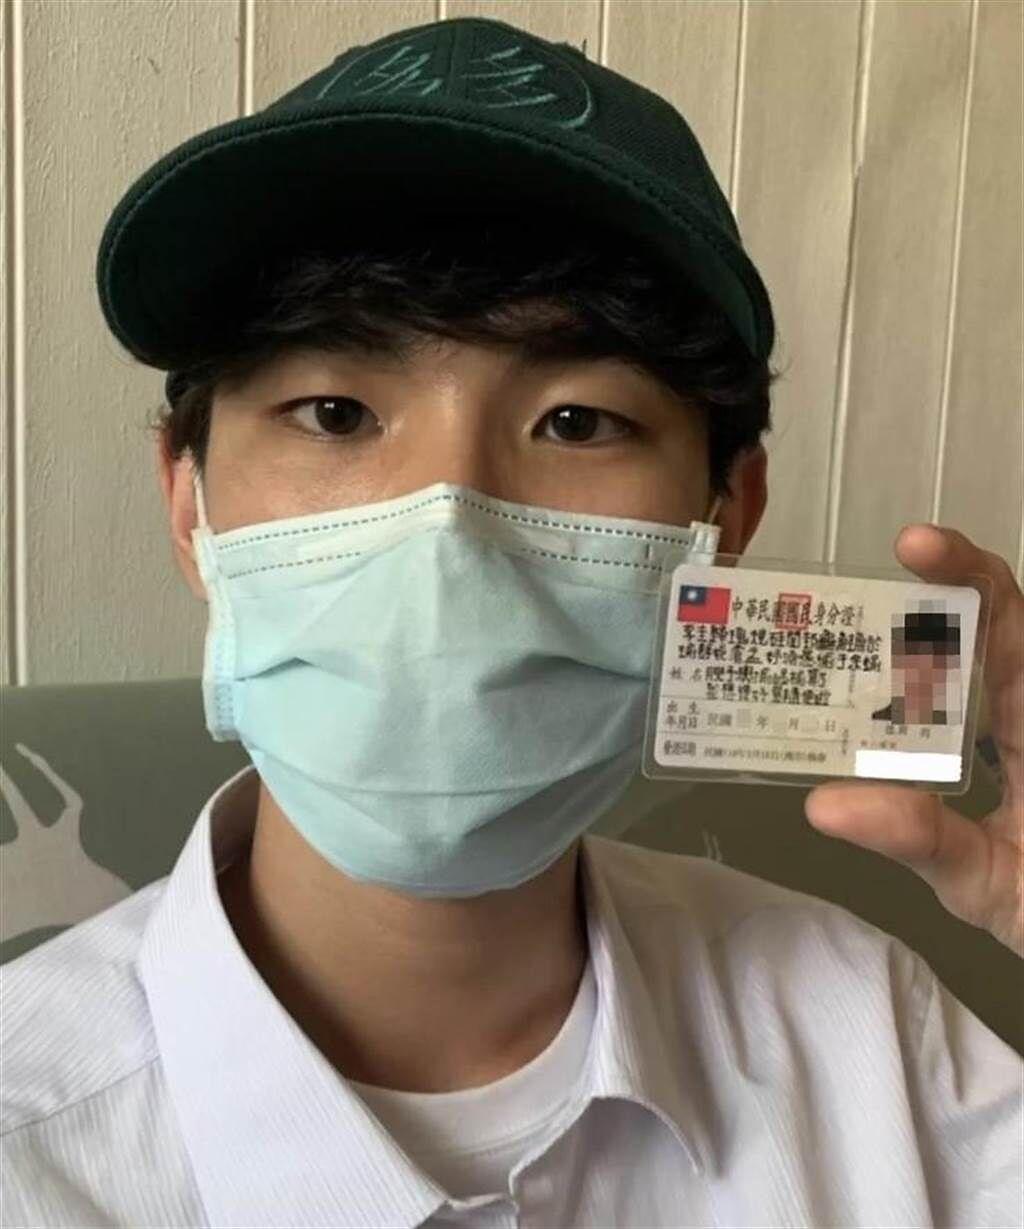 李男原名李天震,18日一口氣改名長達40字,成為全台南最長名字的人,親友稱他很瘋狂。(程炳璋攝)